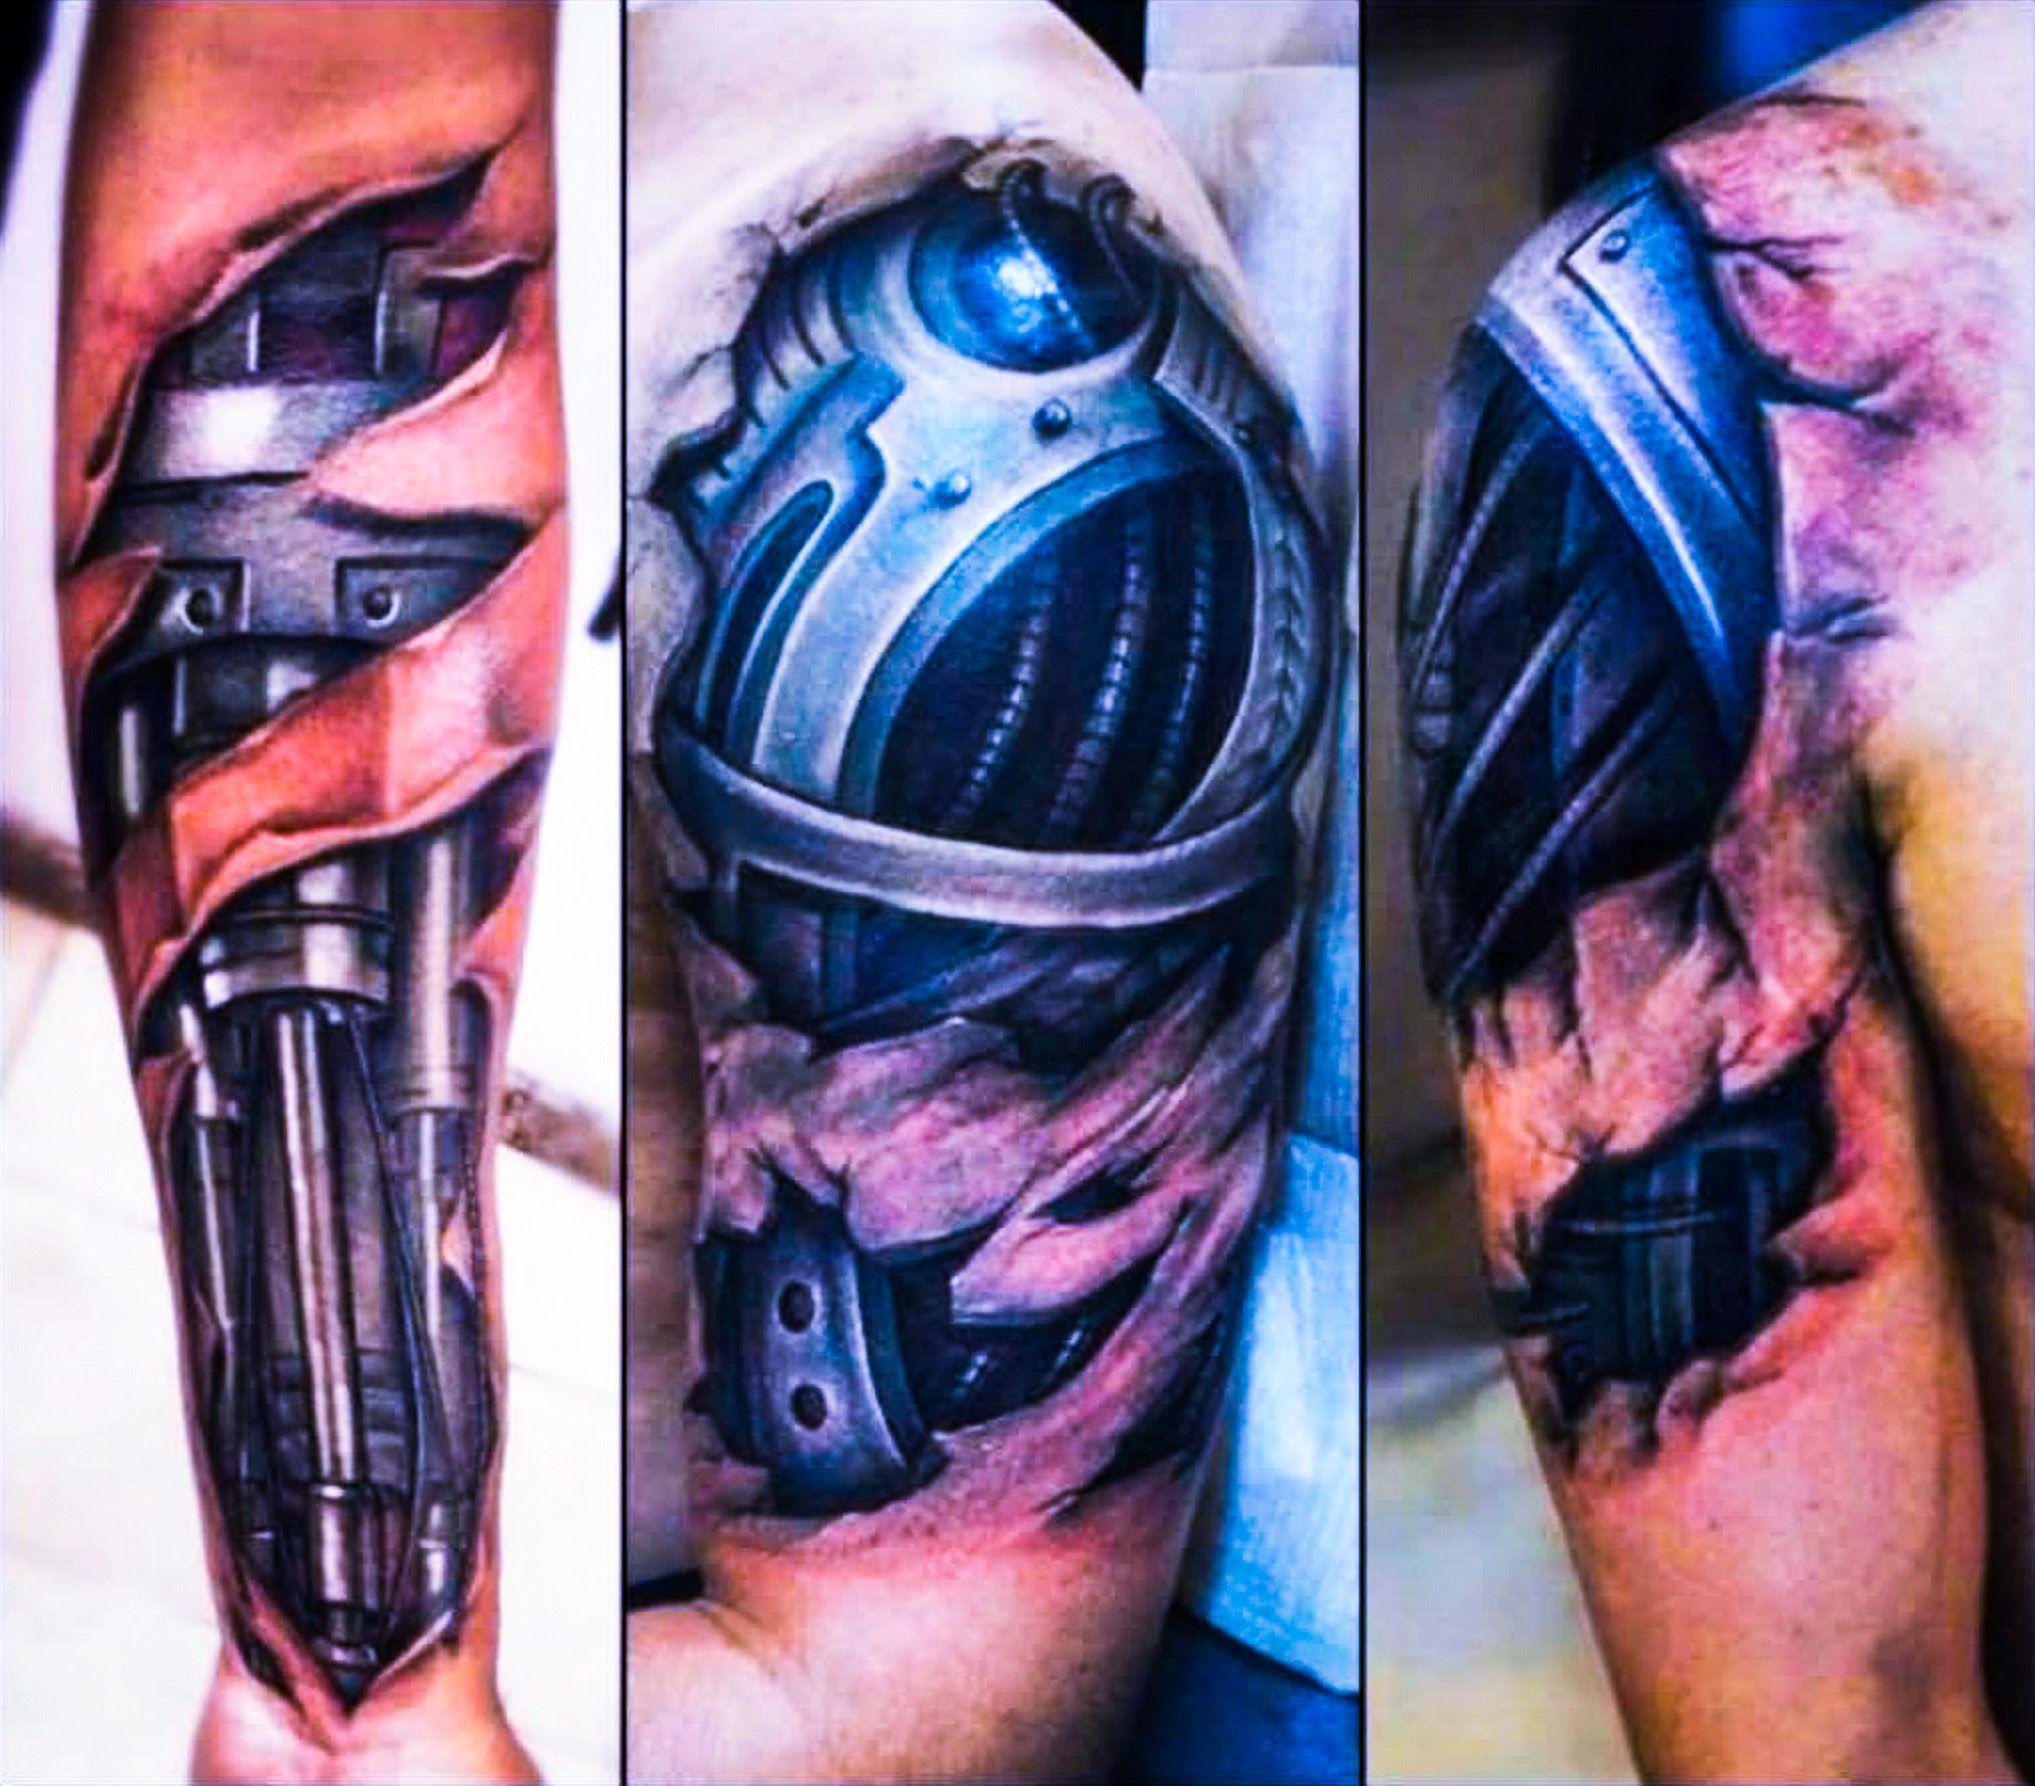 Tattoo gear tattoo sleeve mechanic tattoo mechanical tattoo gears - Bio Mechanical Tattoo